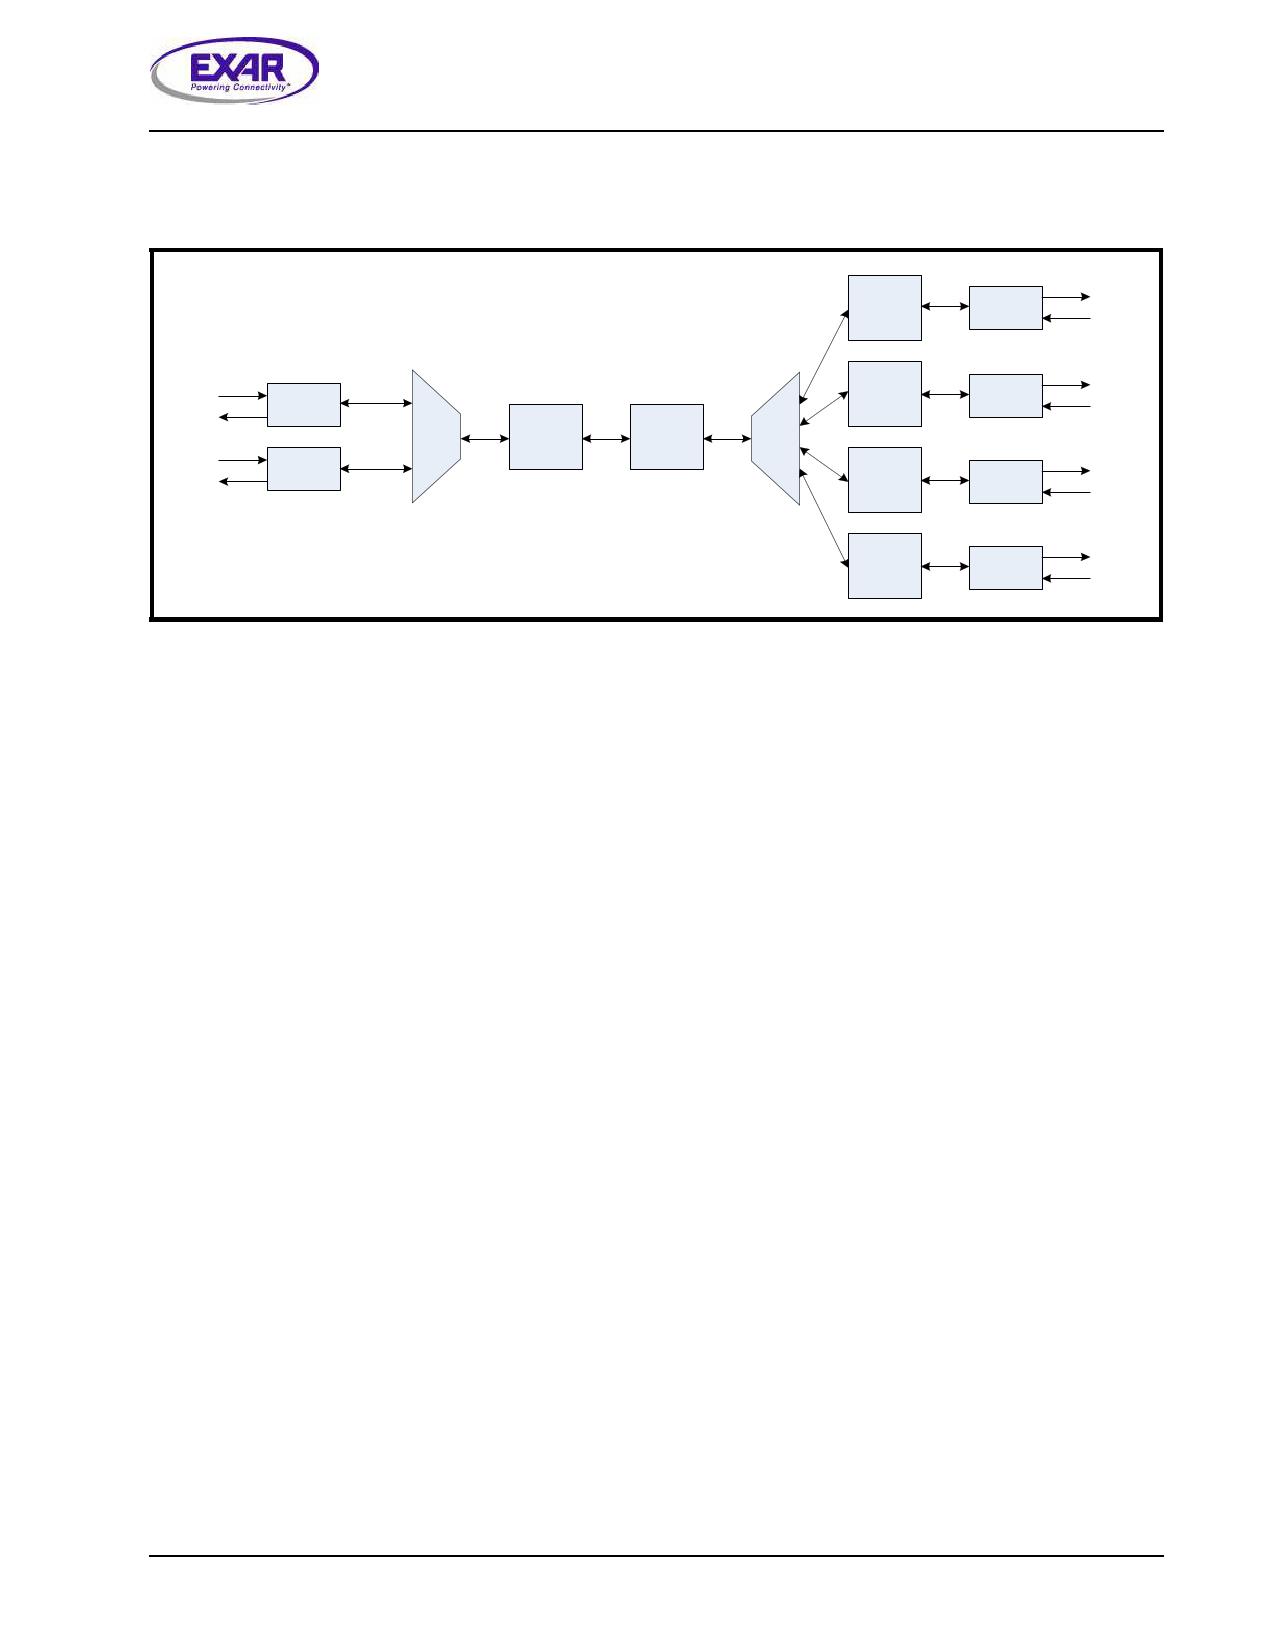 XRS10L240 diode, scr